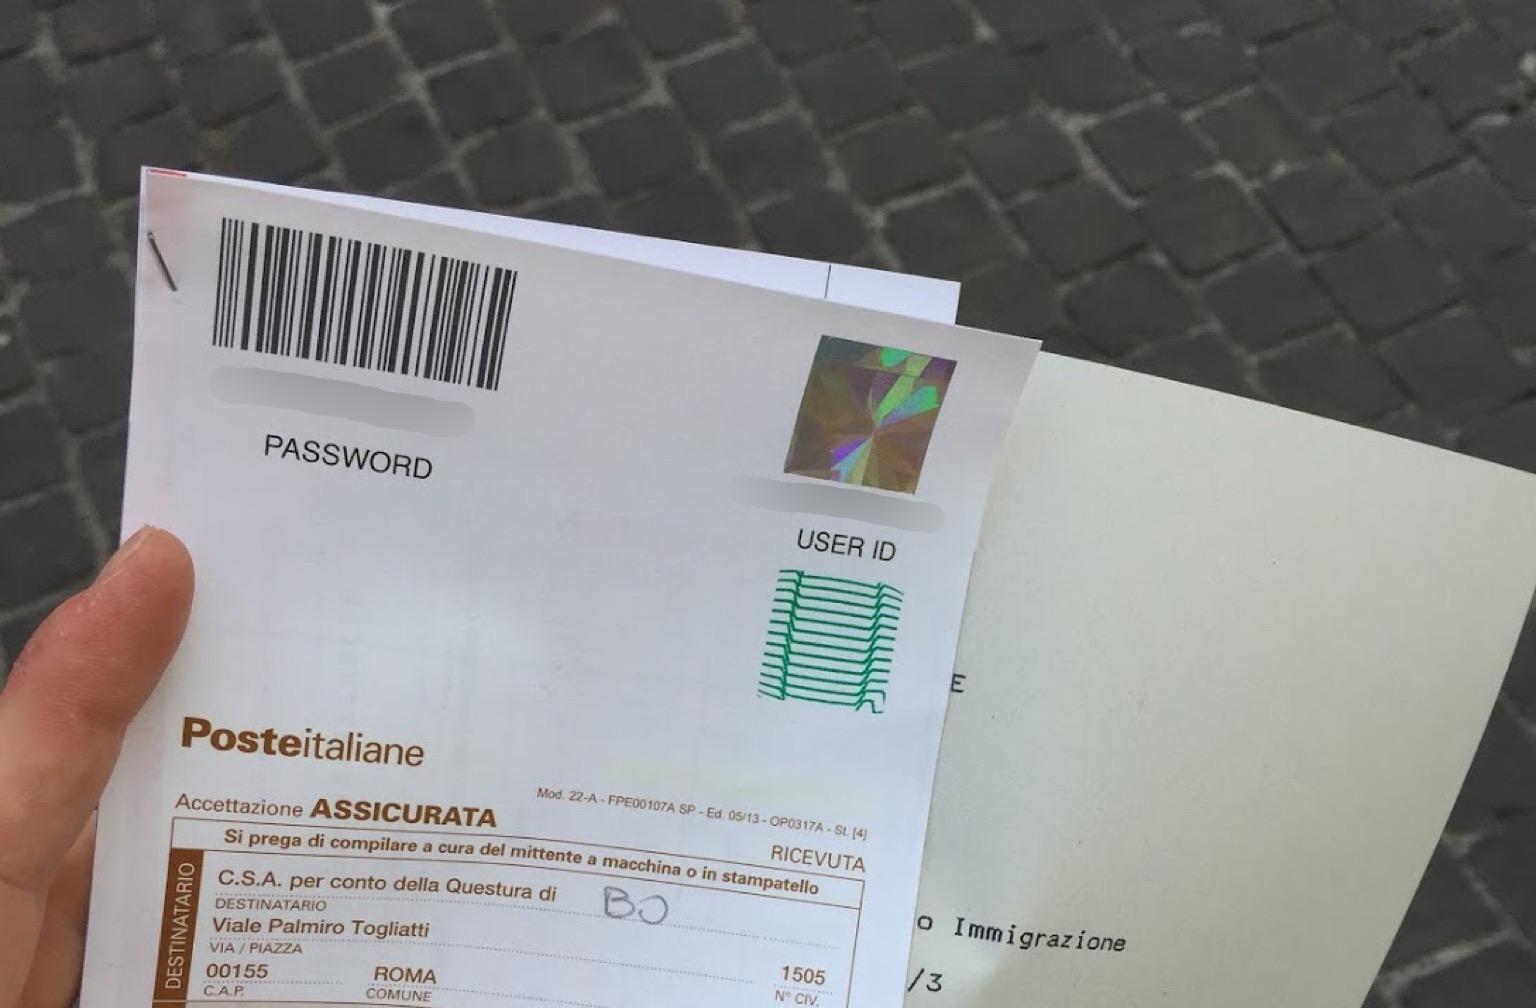 permesso di soggiorno receipt - Expat Alexa